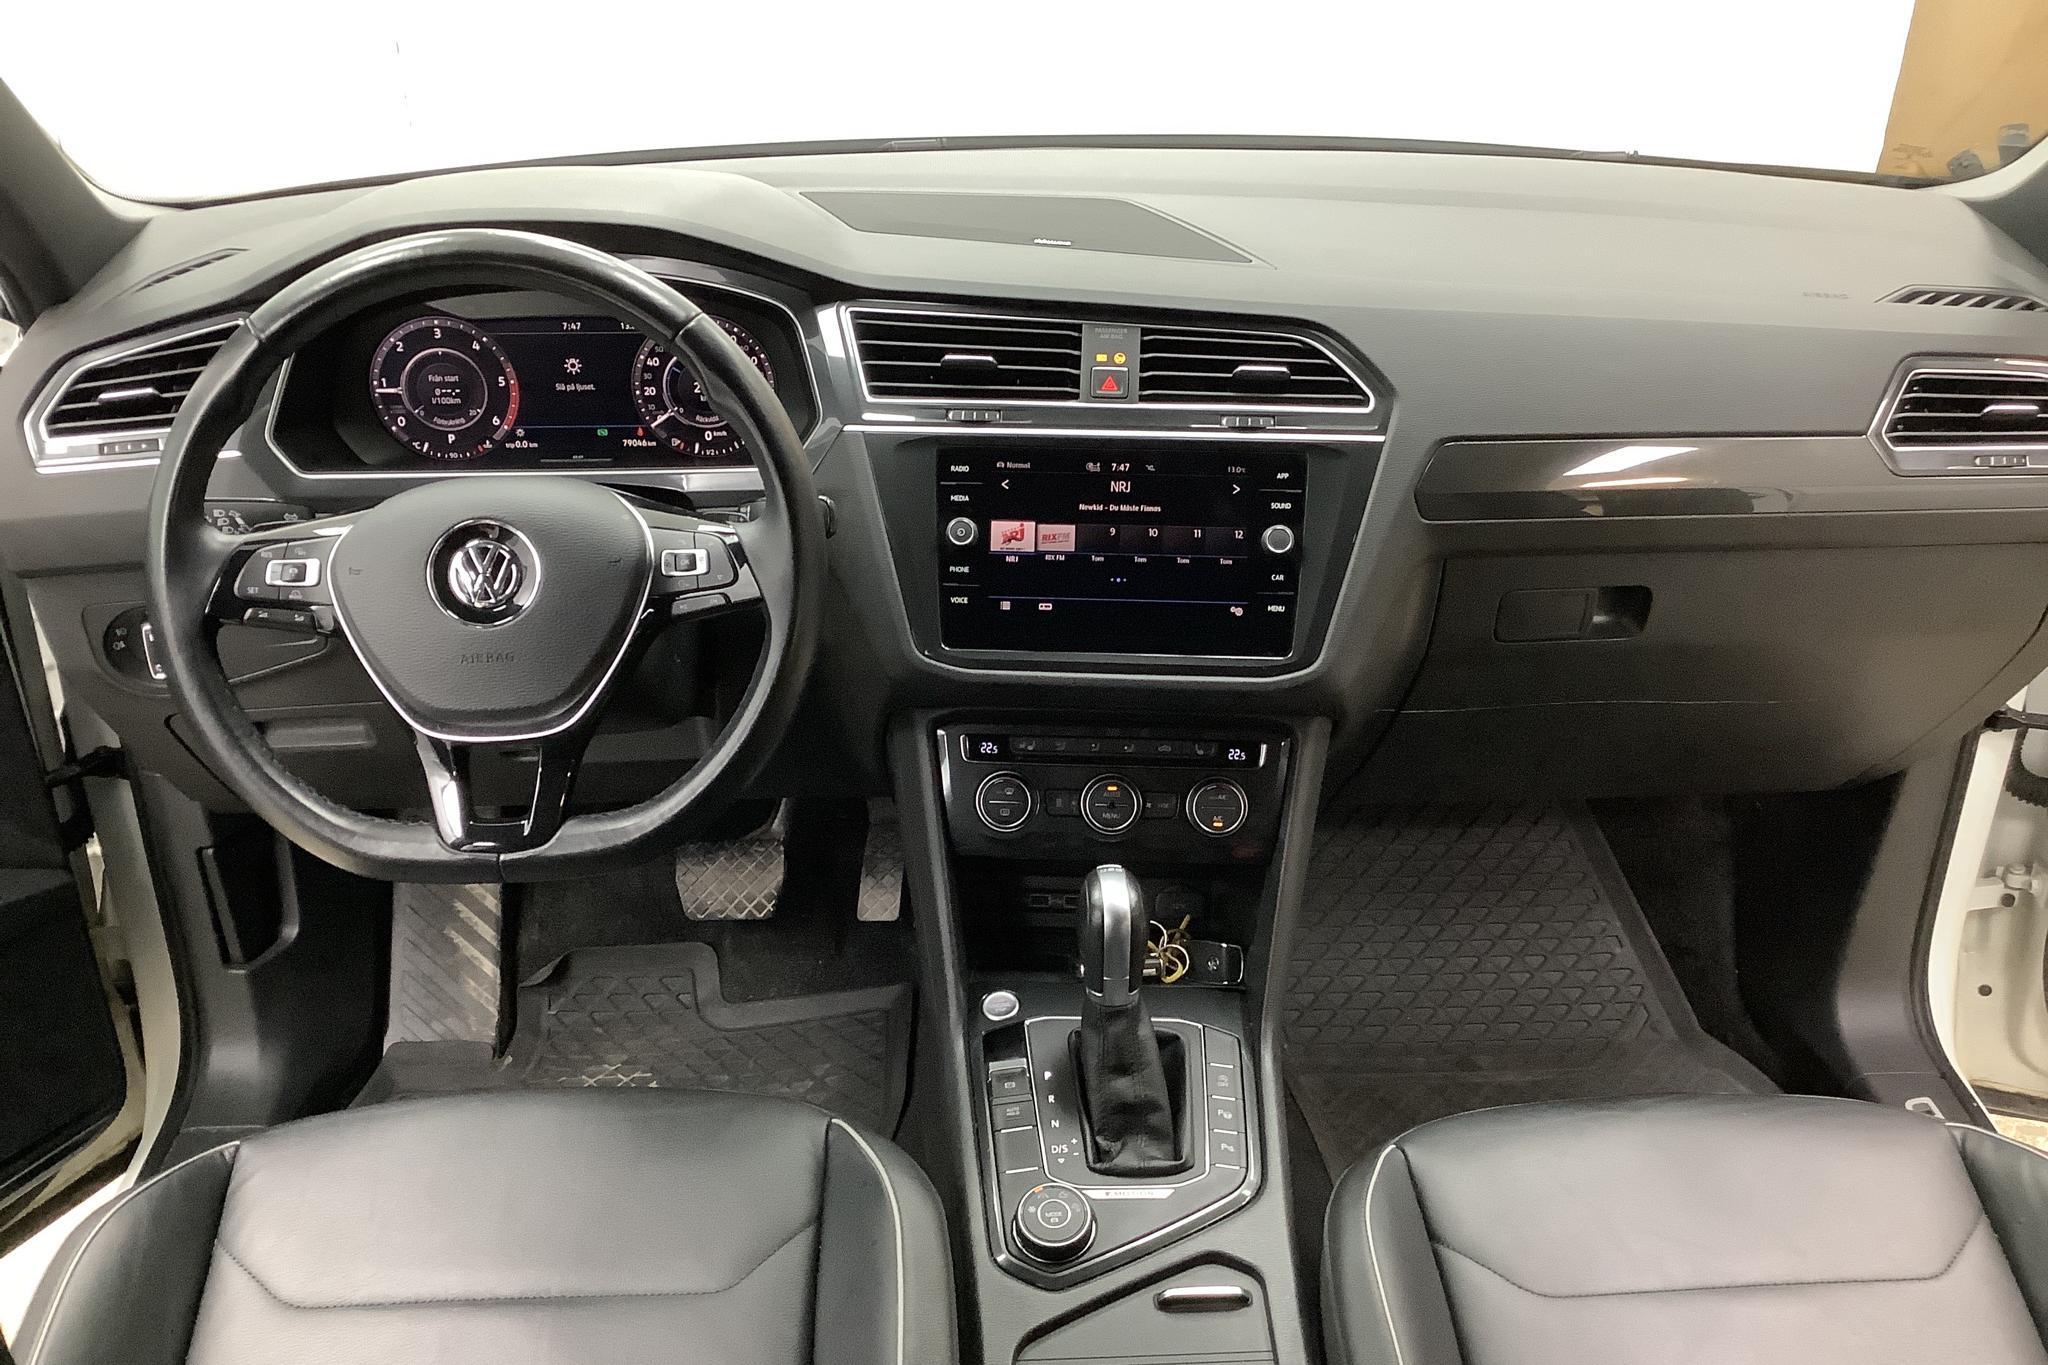 VW Tiguan 2.0 TDI 4MOTION (190hk) - 79 050 km - Automatic - white - 2018